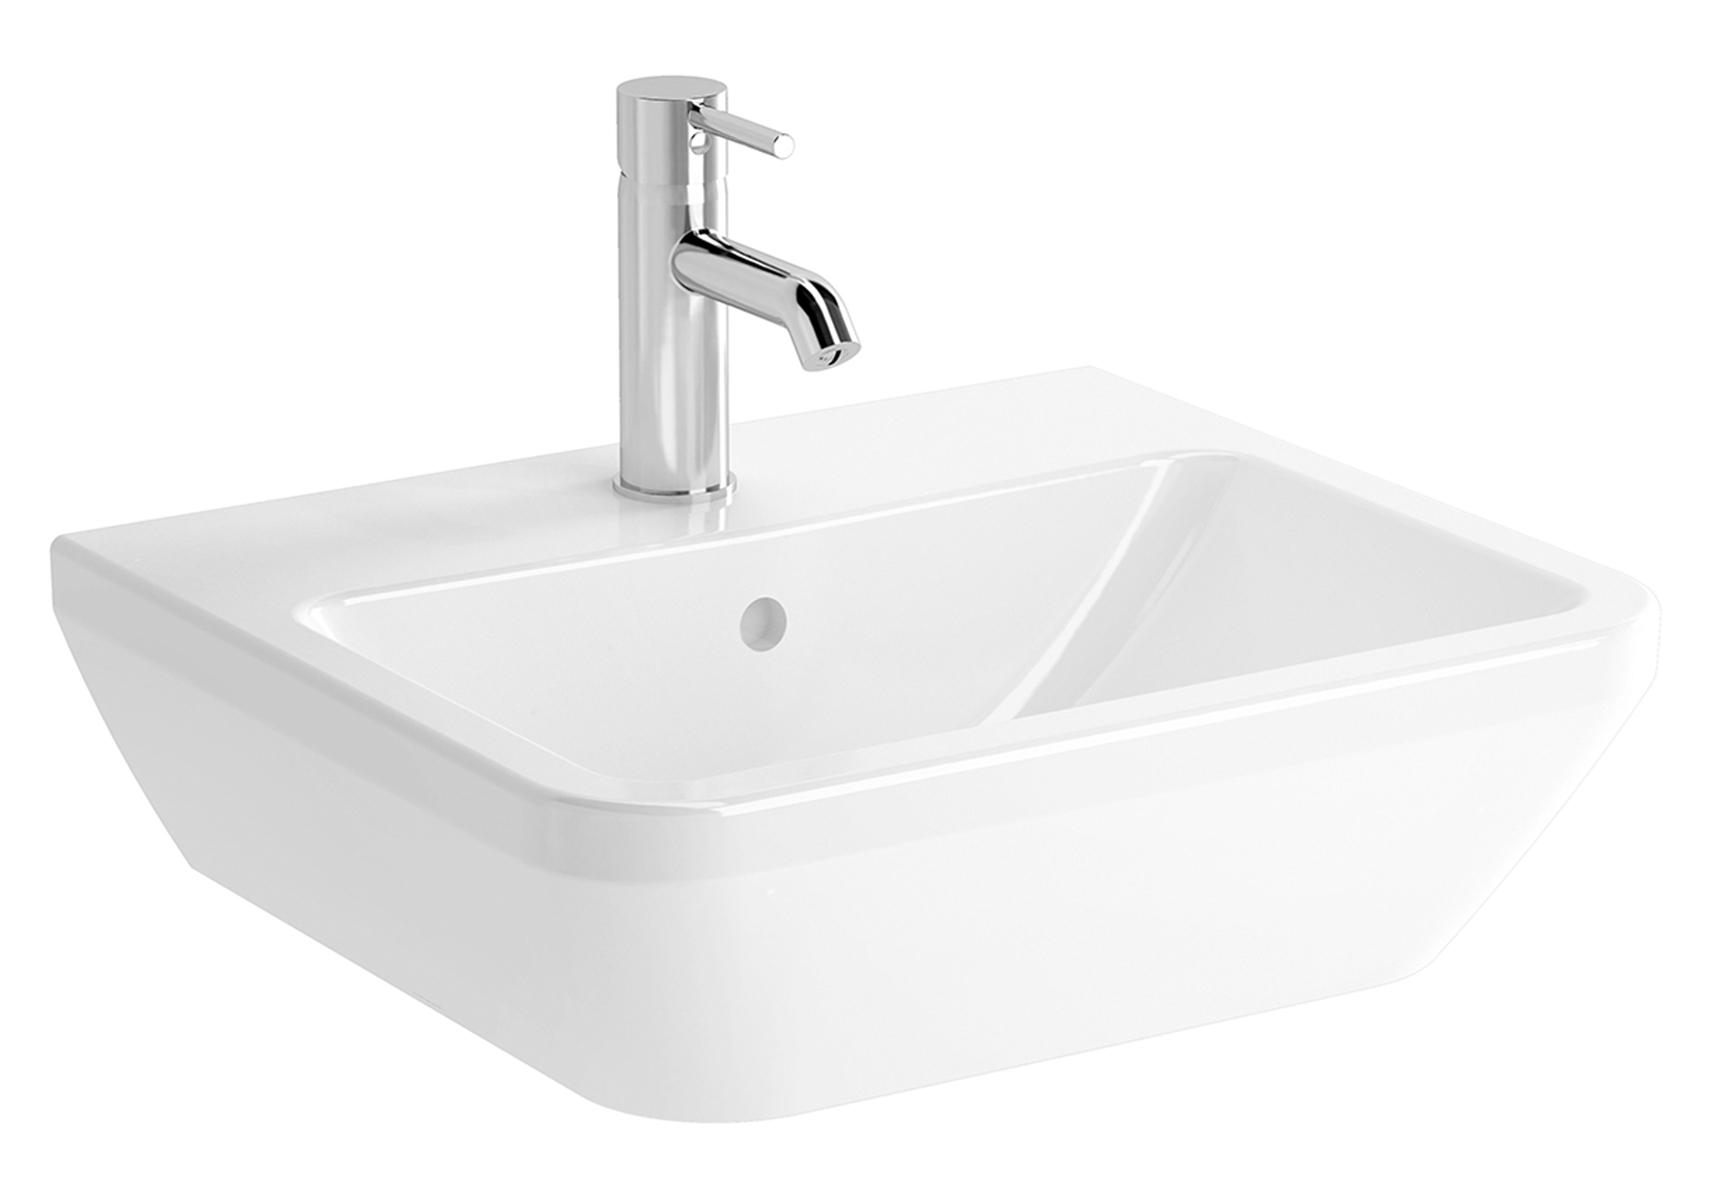 Integra lavabo carré, 50 cm, sans trou de robinet, sans trop-plein